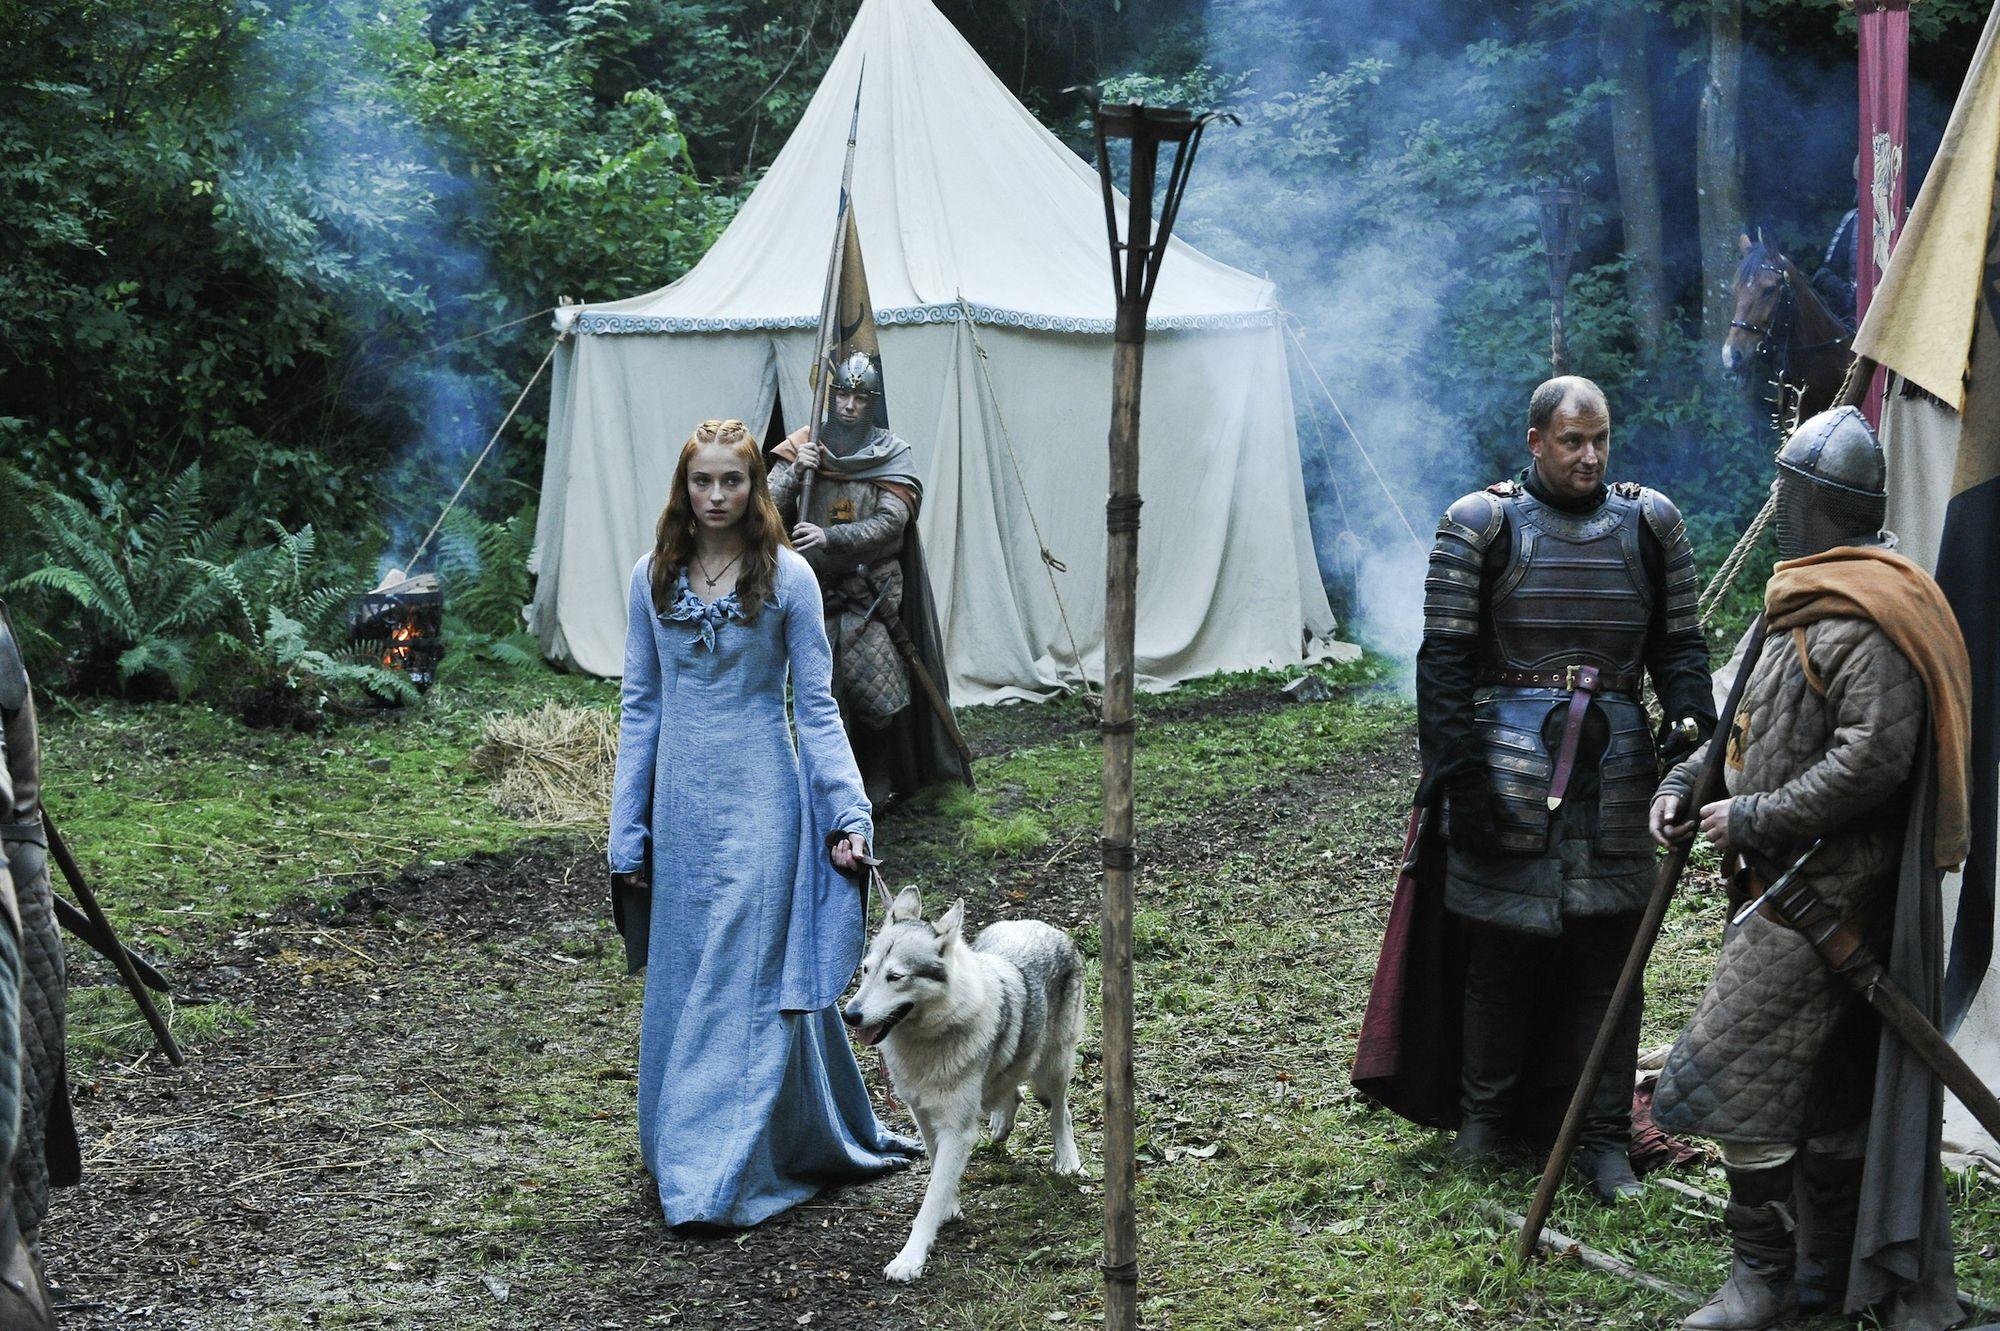 Sansa_in_the_Camp.jpg